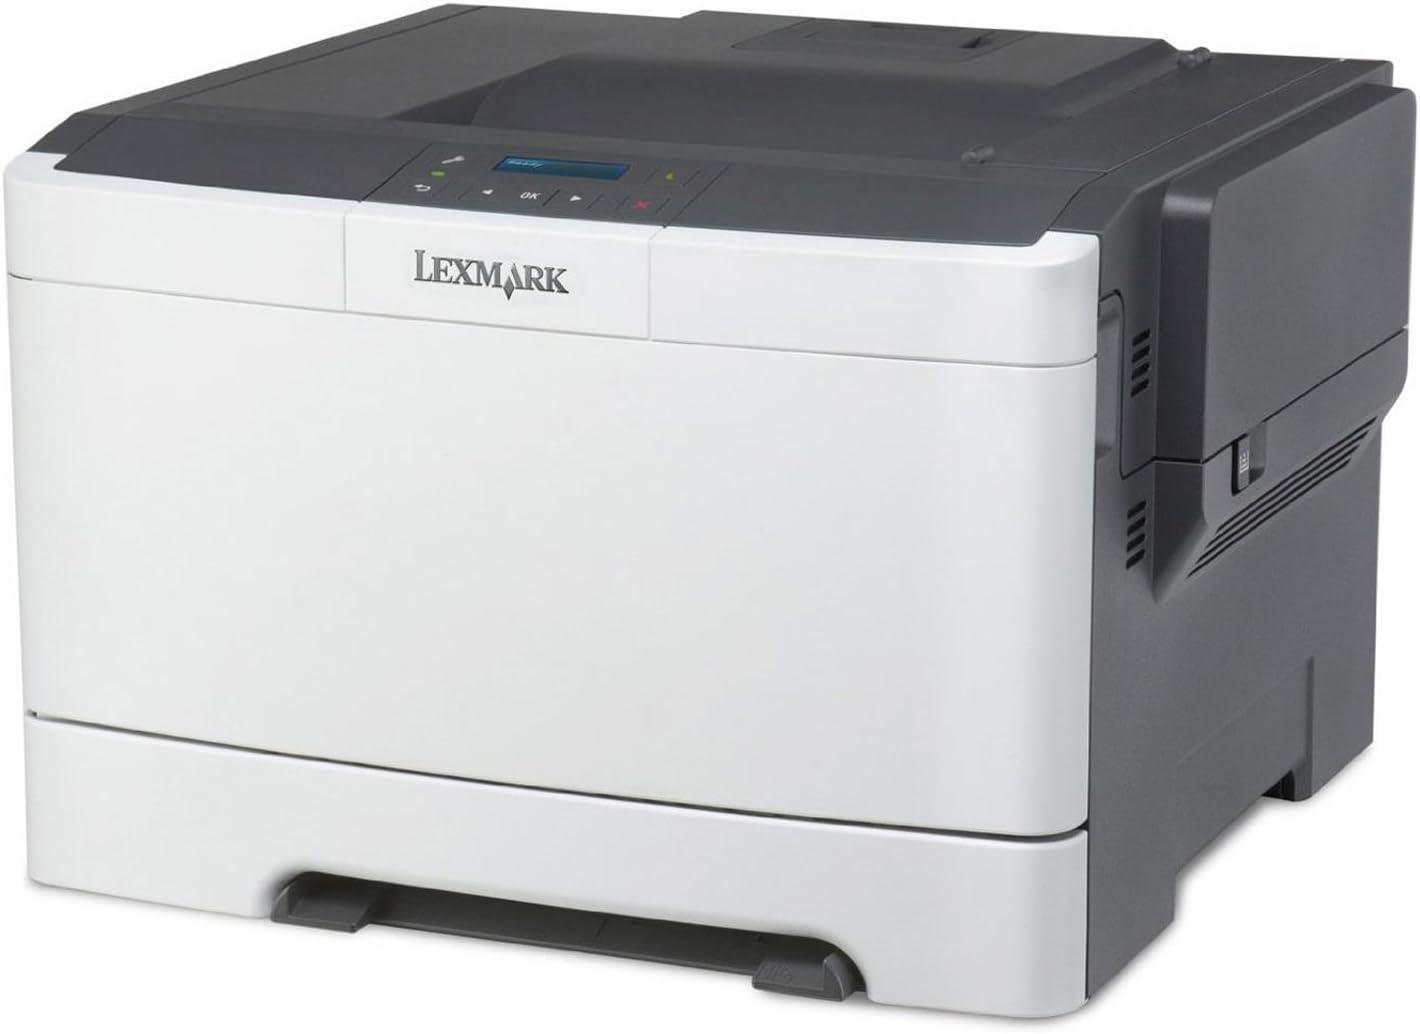 Lexmark CS317DN Color 2400 x 600DPI A4 - Impresora láser (2400 x 600 DPI, 60000 páginas por mes, Laser, 500-5000 páginas por mes, 3000 páginas, 23 ppm)